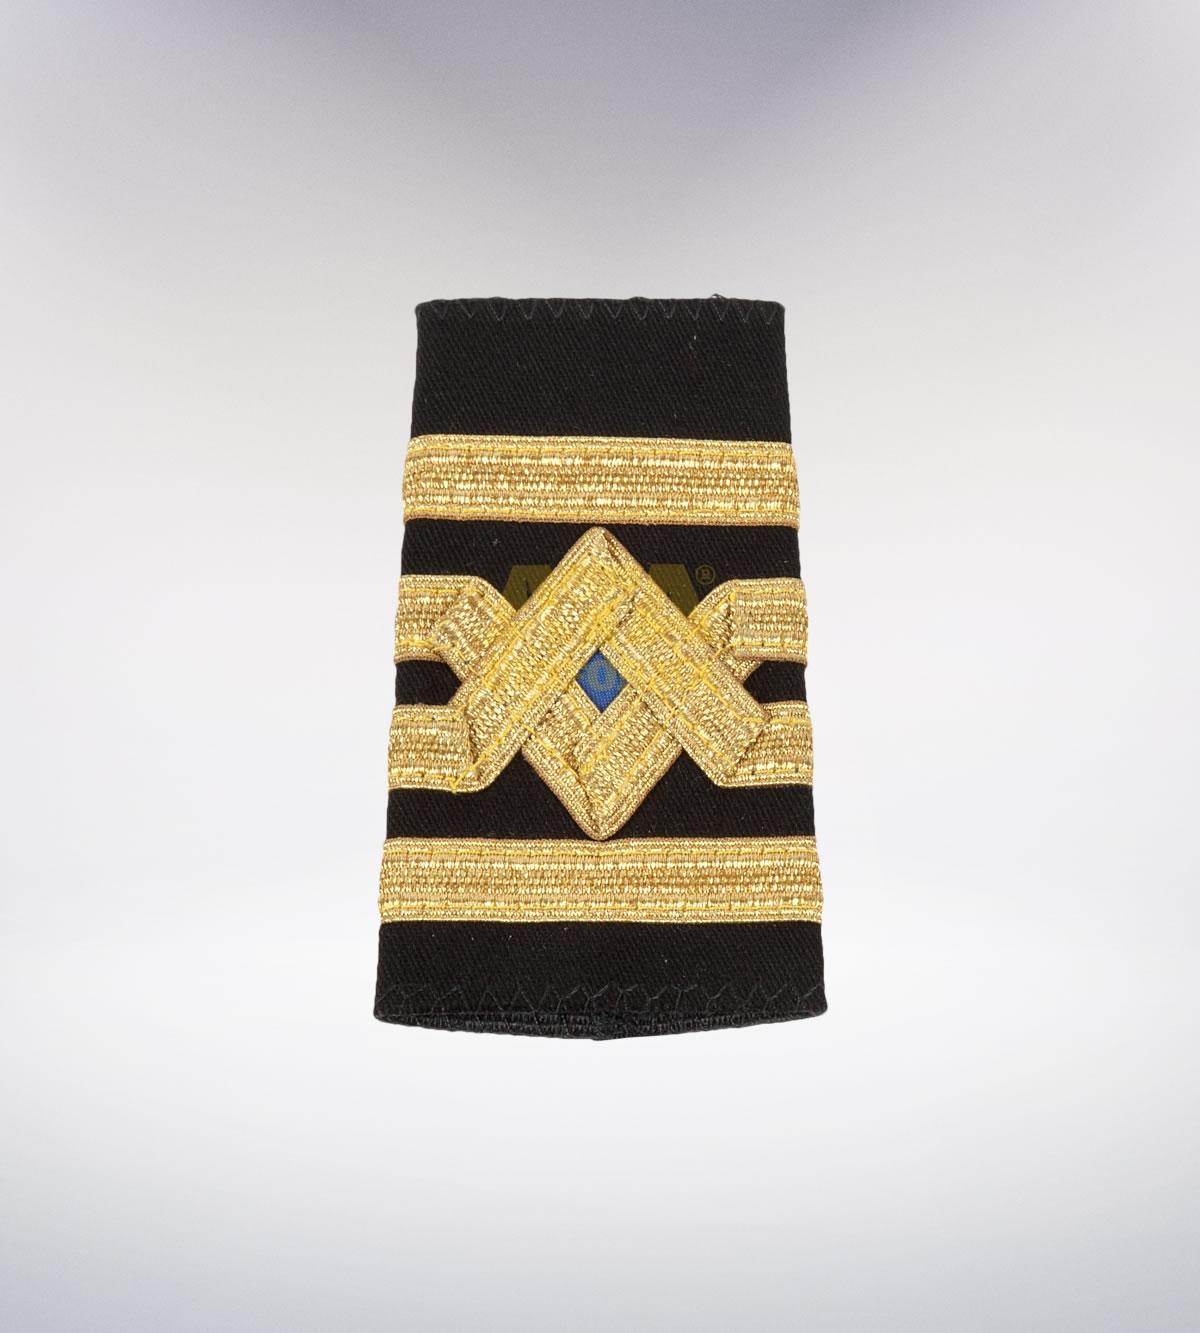 ATA-1017 Denizci nakışlı apolet - denizci elbiseleri | denizci üniformaları | denizci kıyafetleri